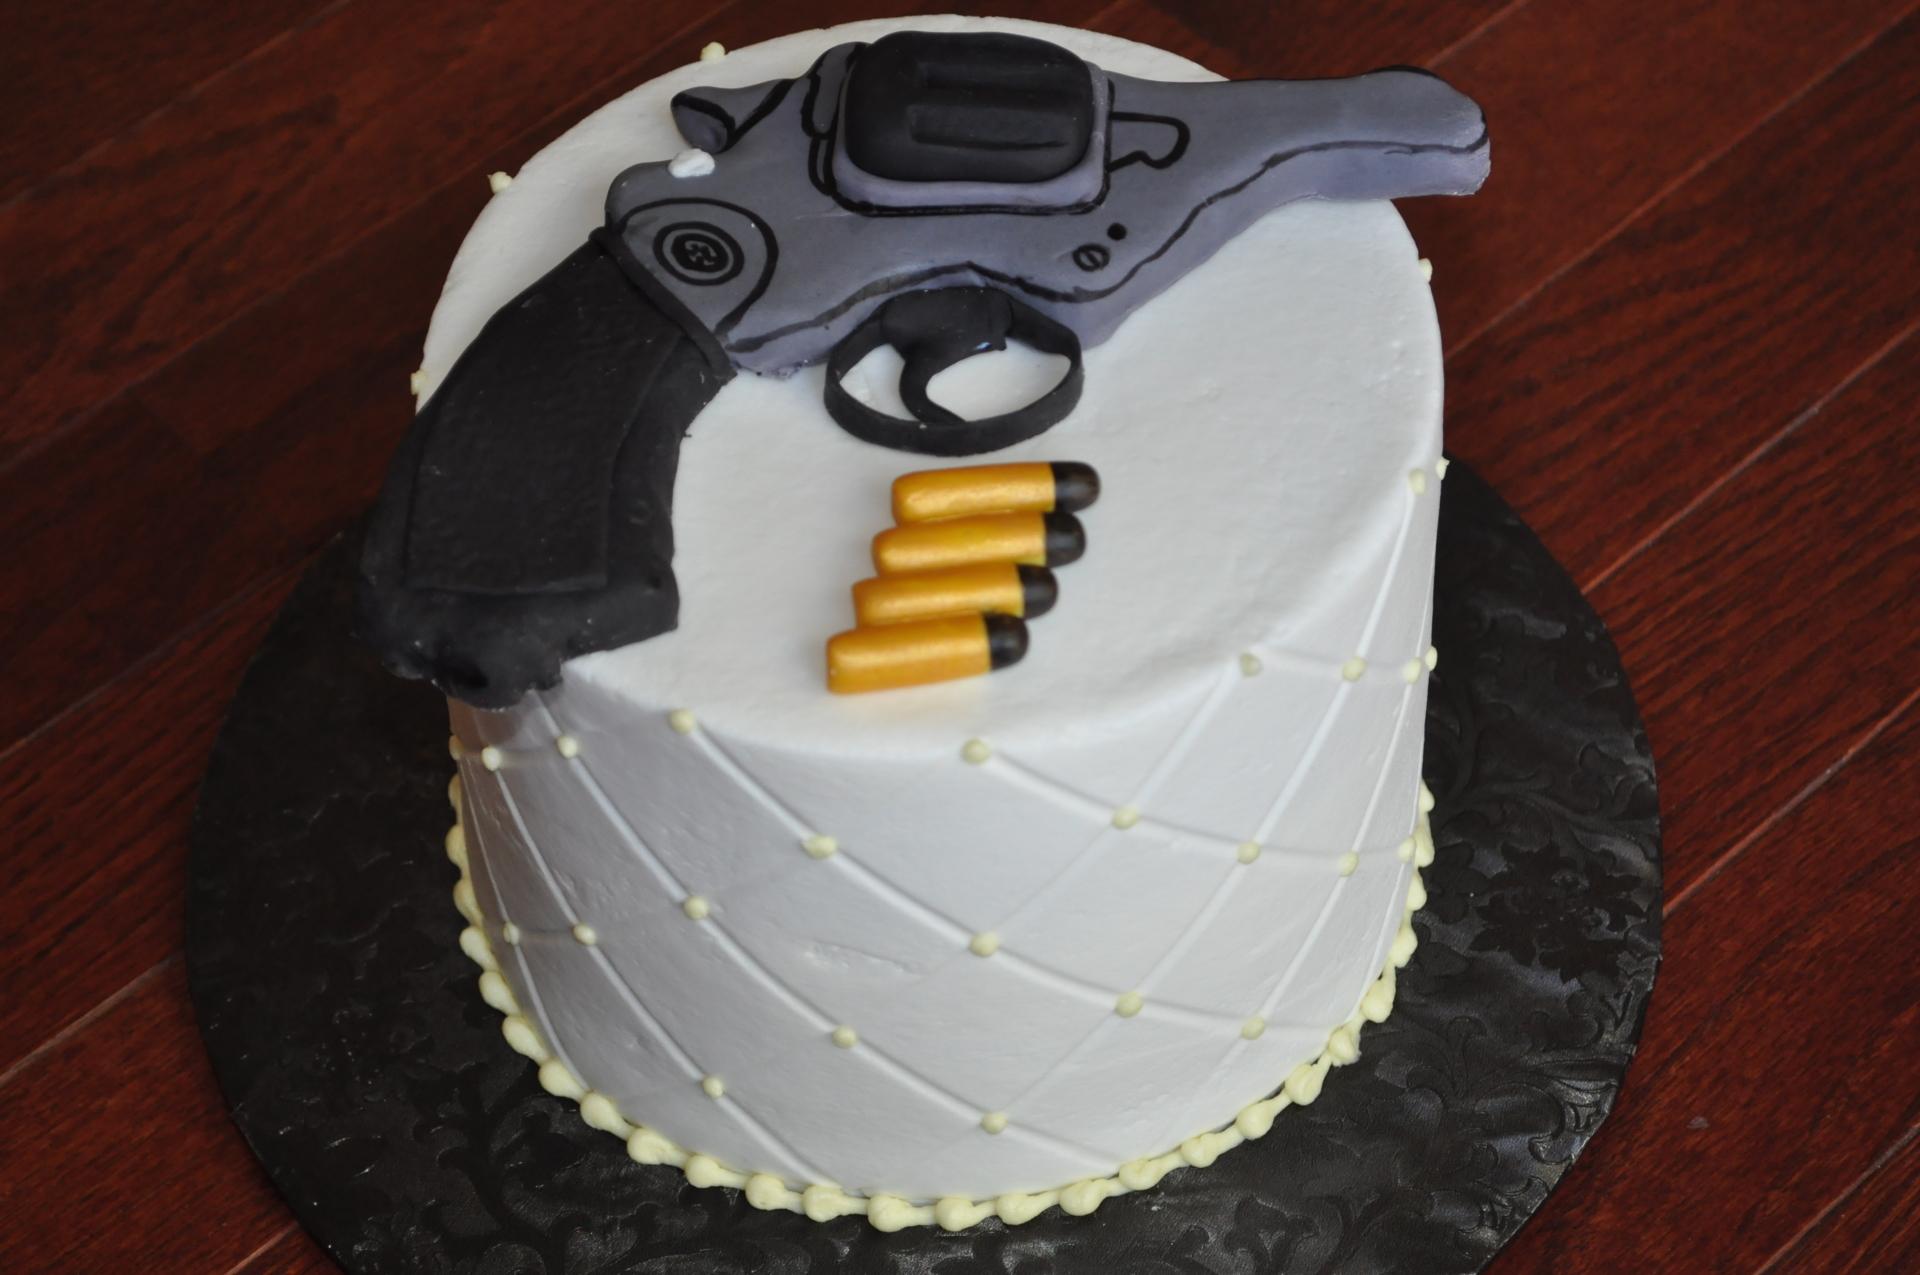 pistol gun cake